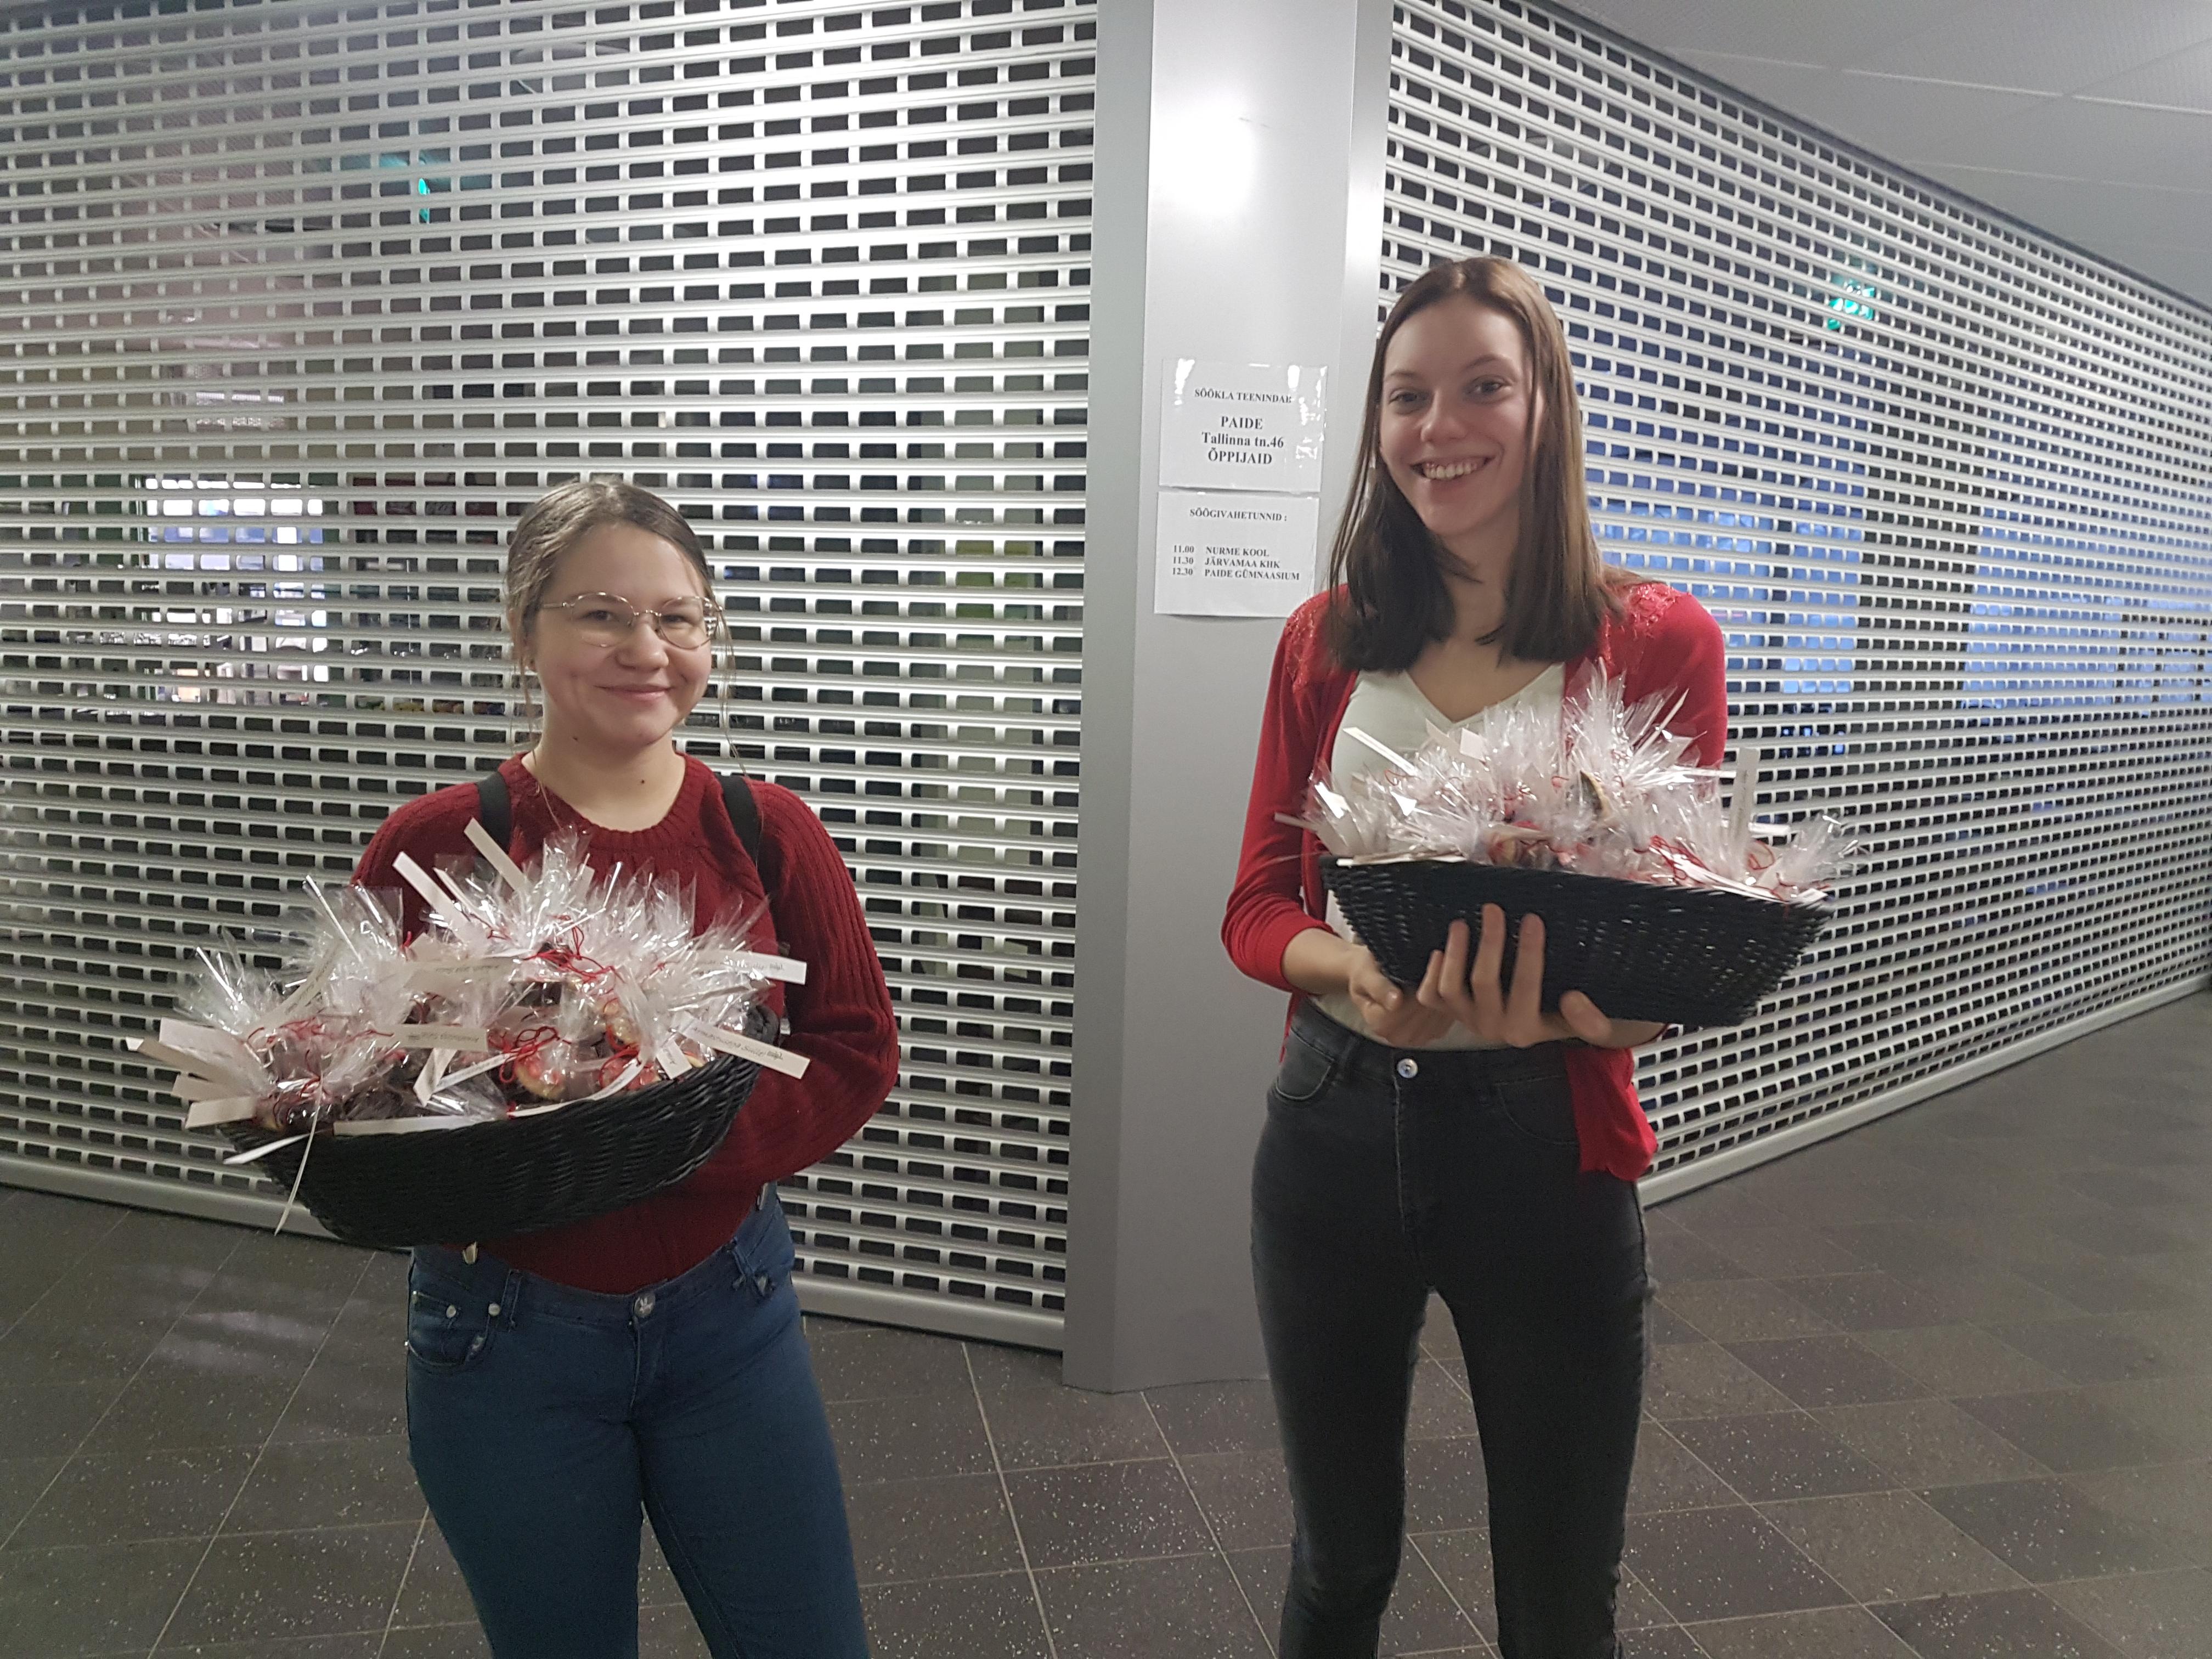 KO-18 õpilased Alisa Smekalova ja Moonika Tammsaar jagamas Paide õppekohas muffineid.